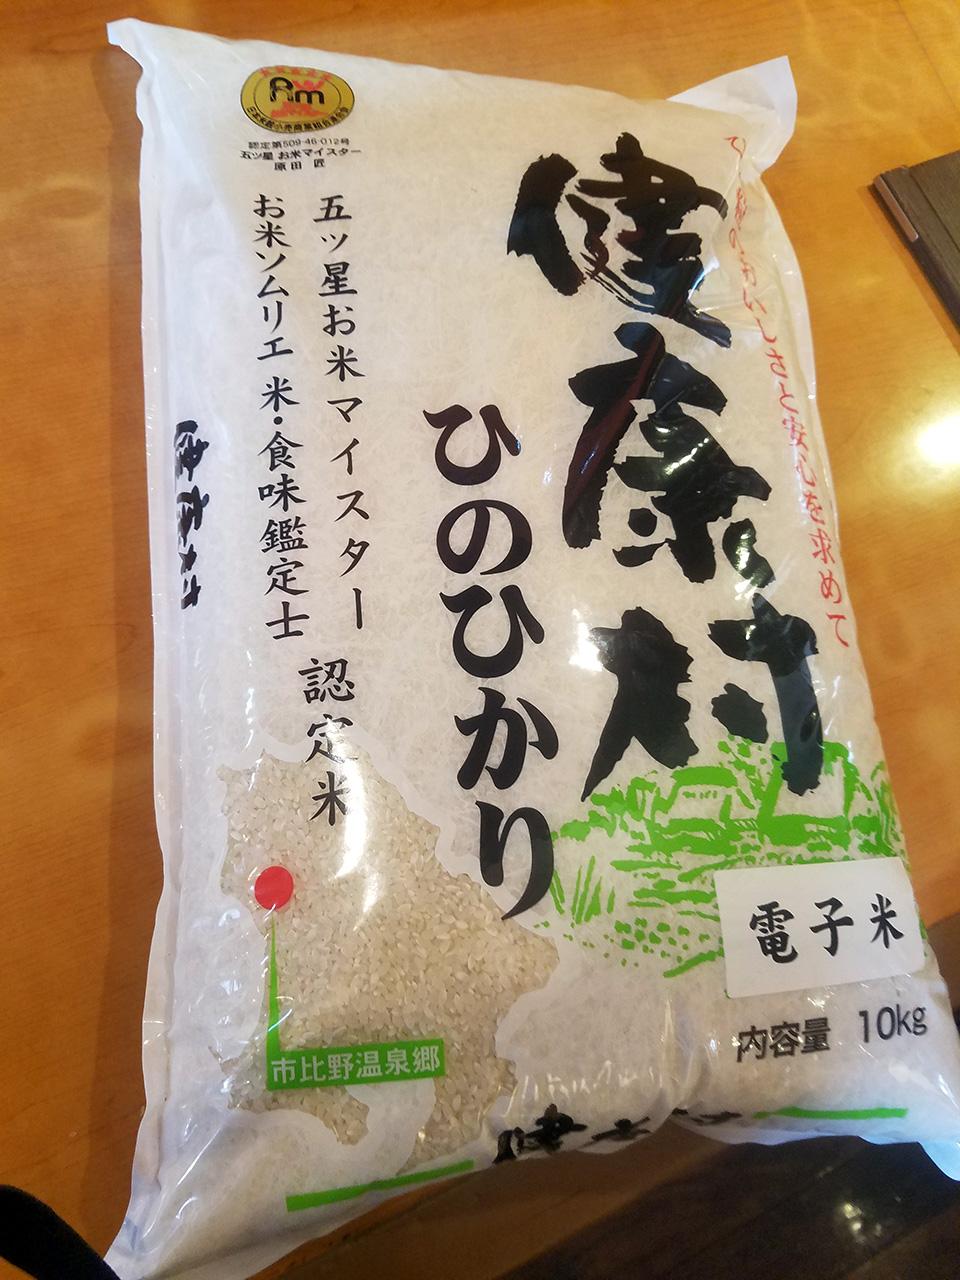 美味しいお米の正体は